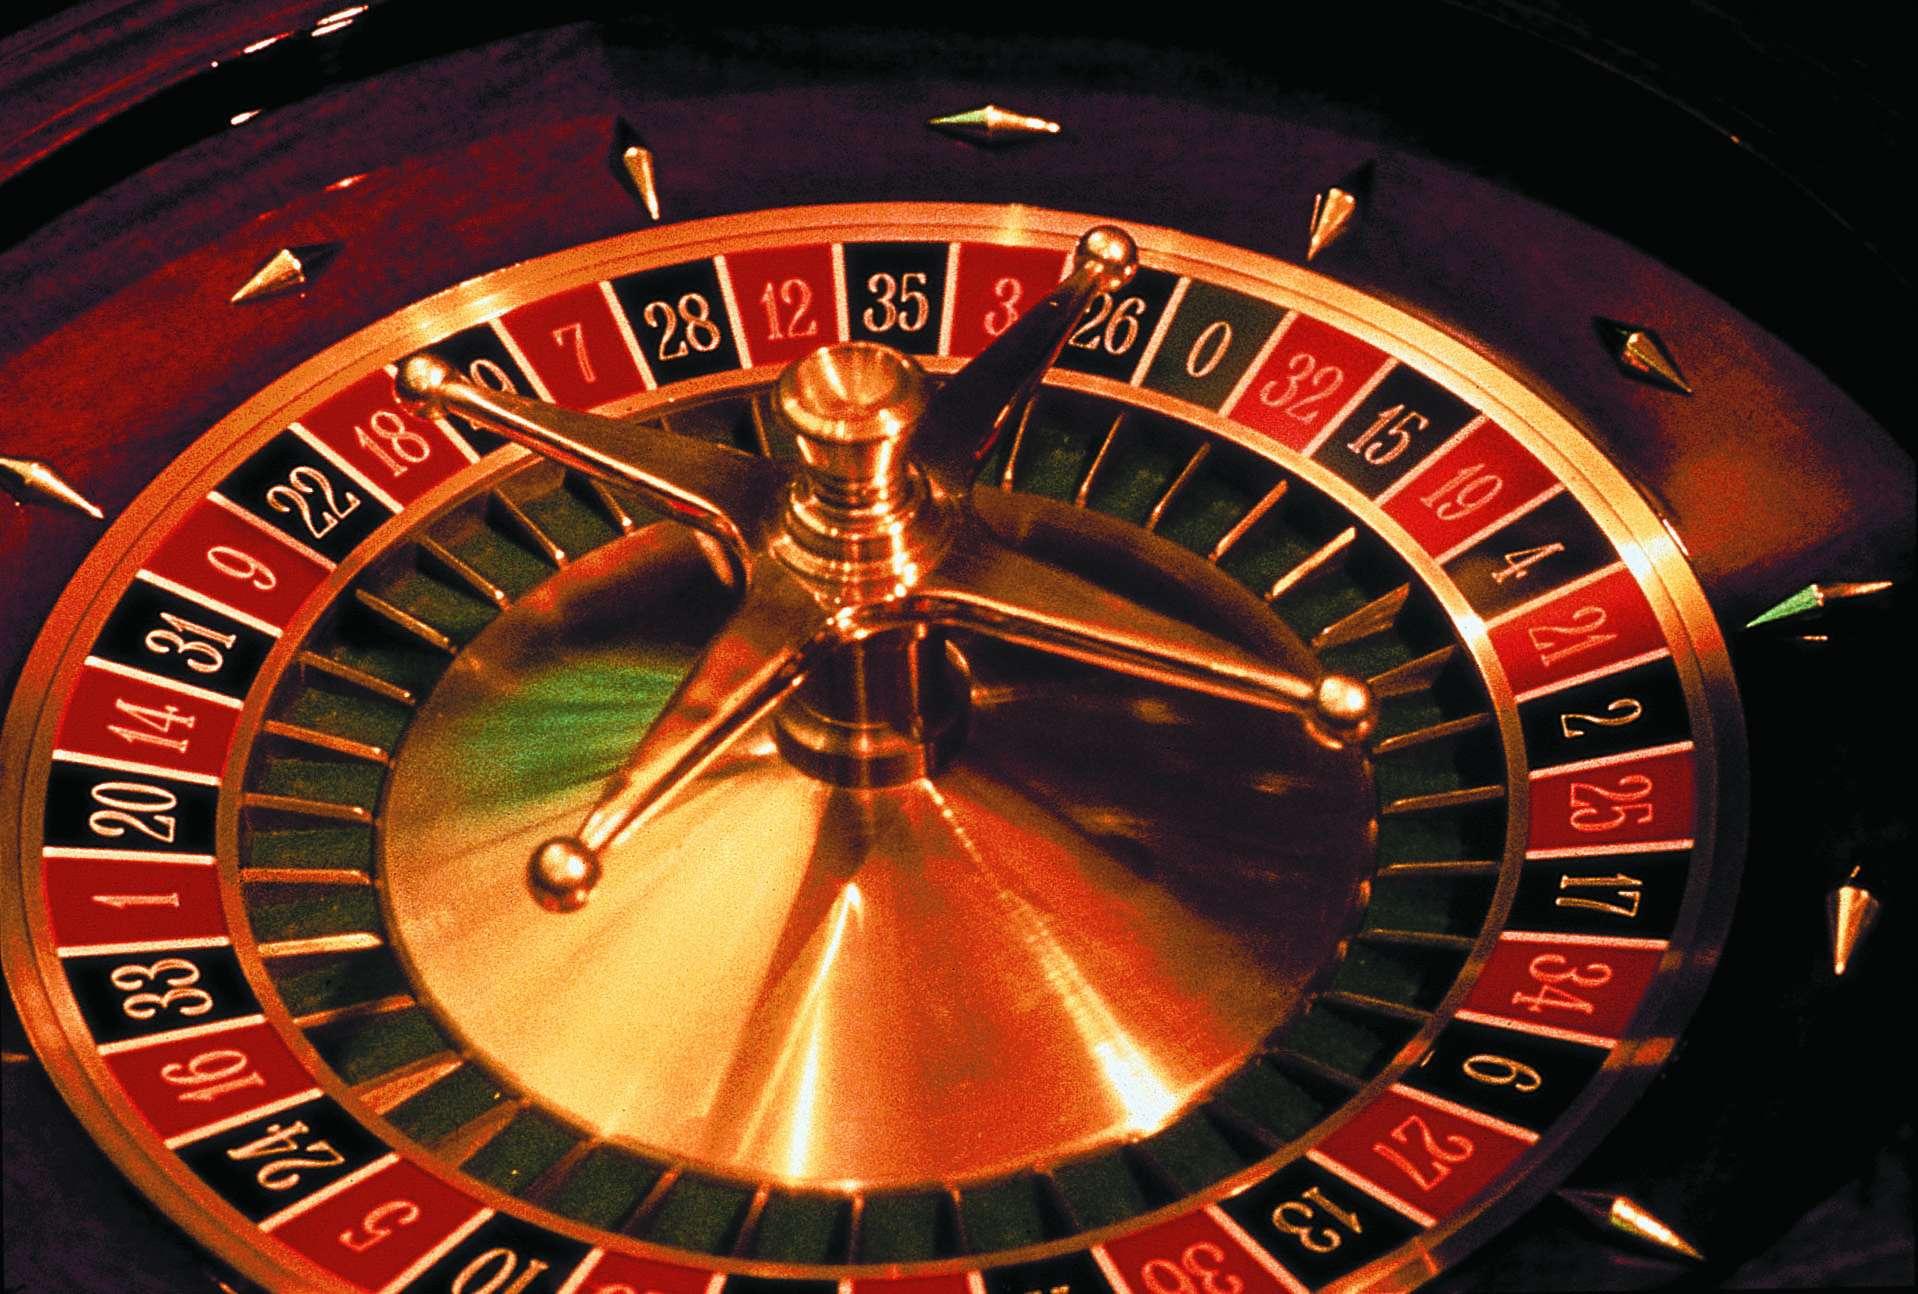 Commencer aux jeux casino gratuits